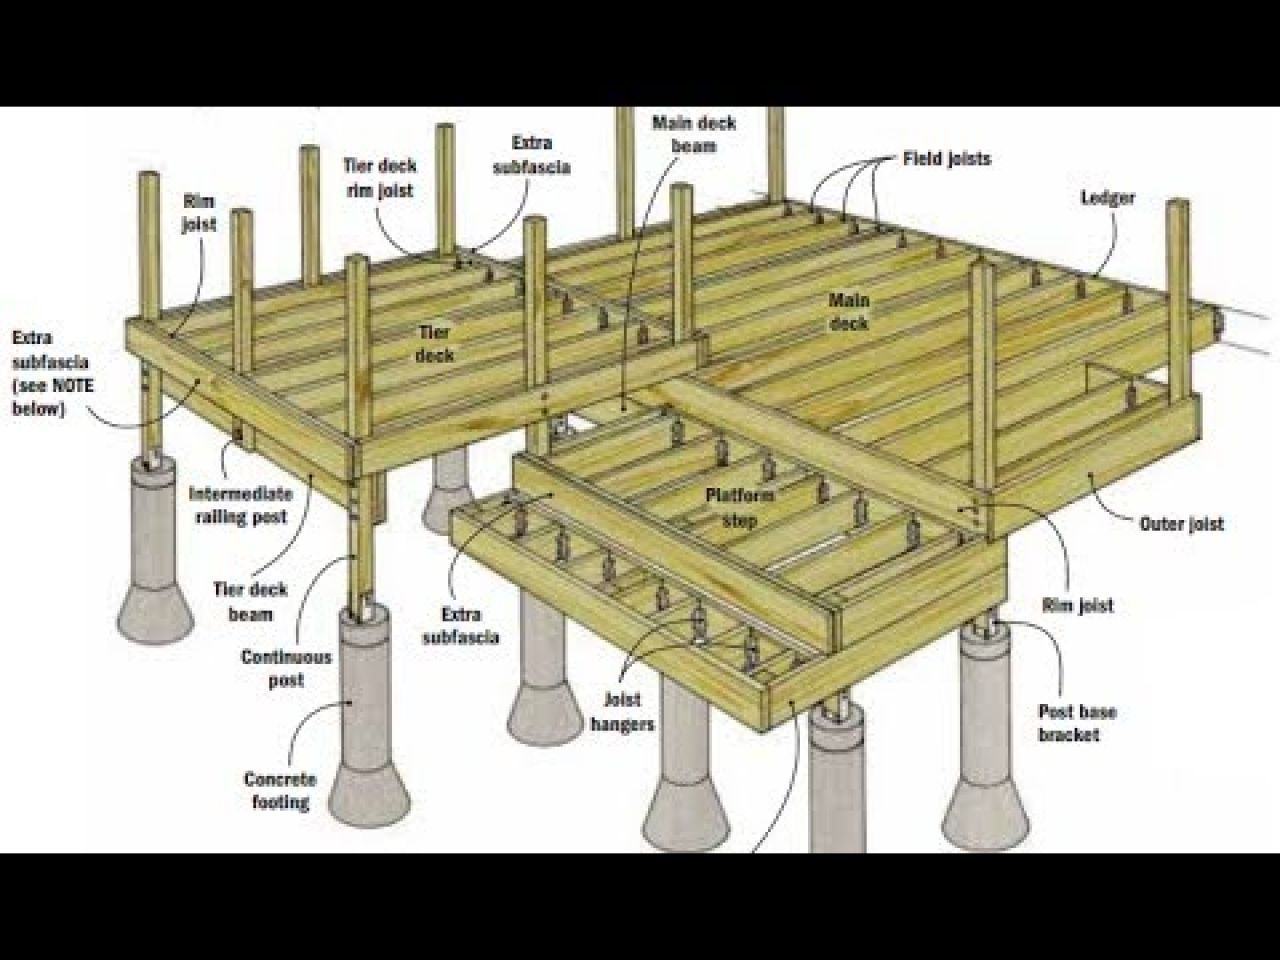 Above Ground Pool Deck Plans Build A Pool Deck Plans Deck Schematics Mexzhouse Com Building A Deck Pool Deck Plans Deck Building Plans